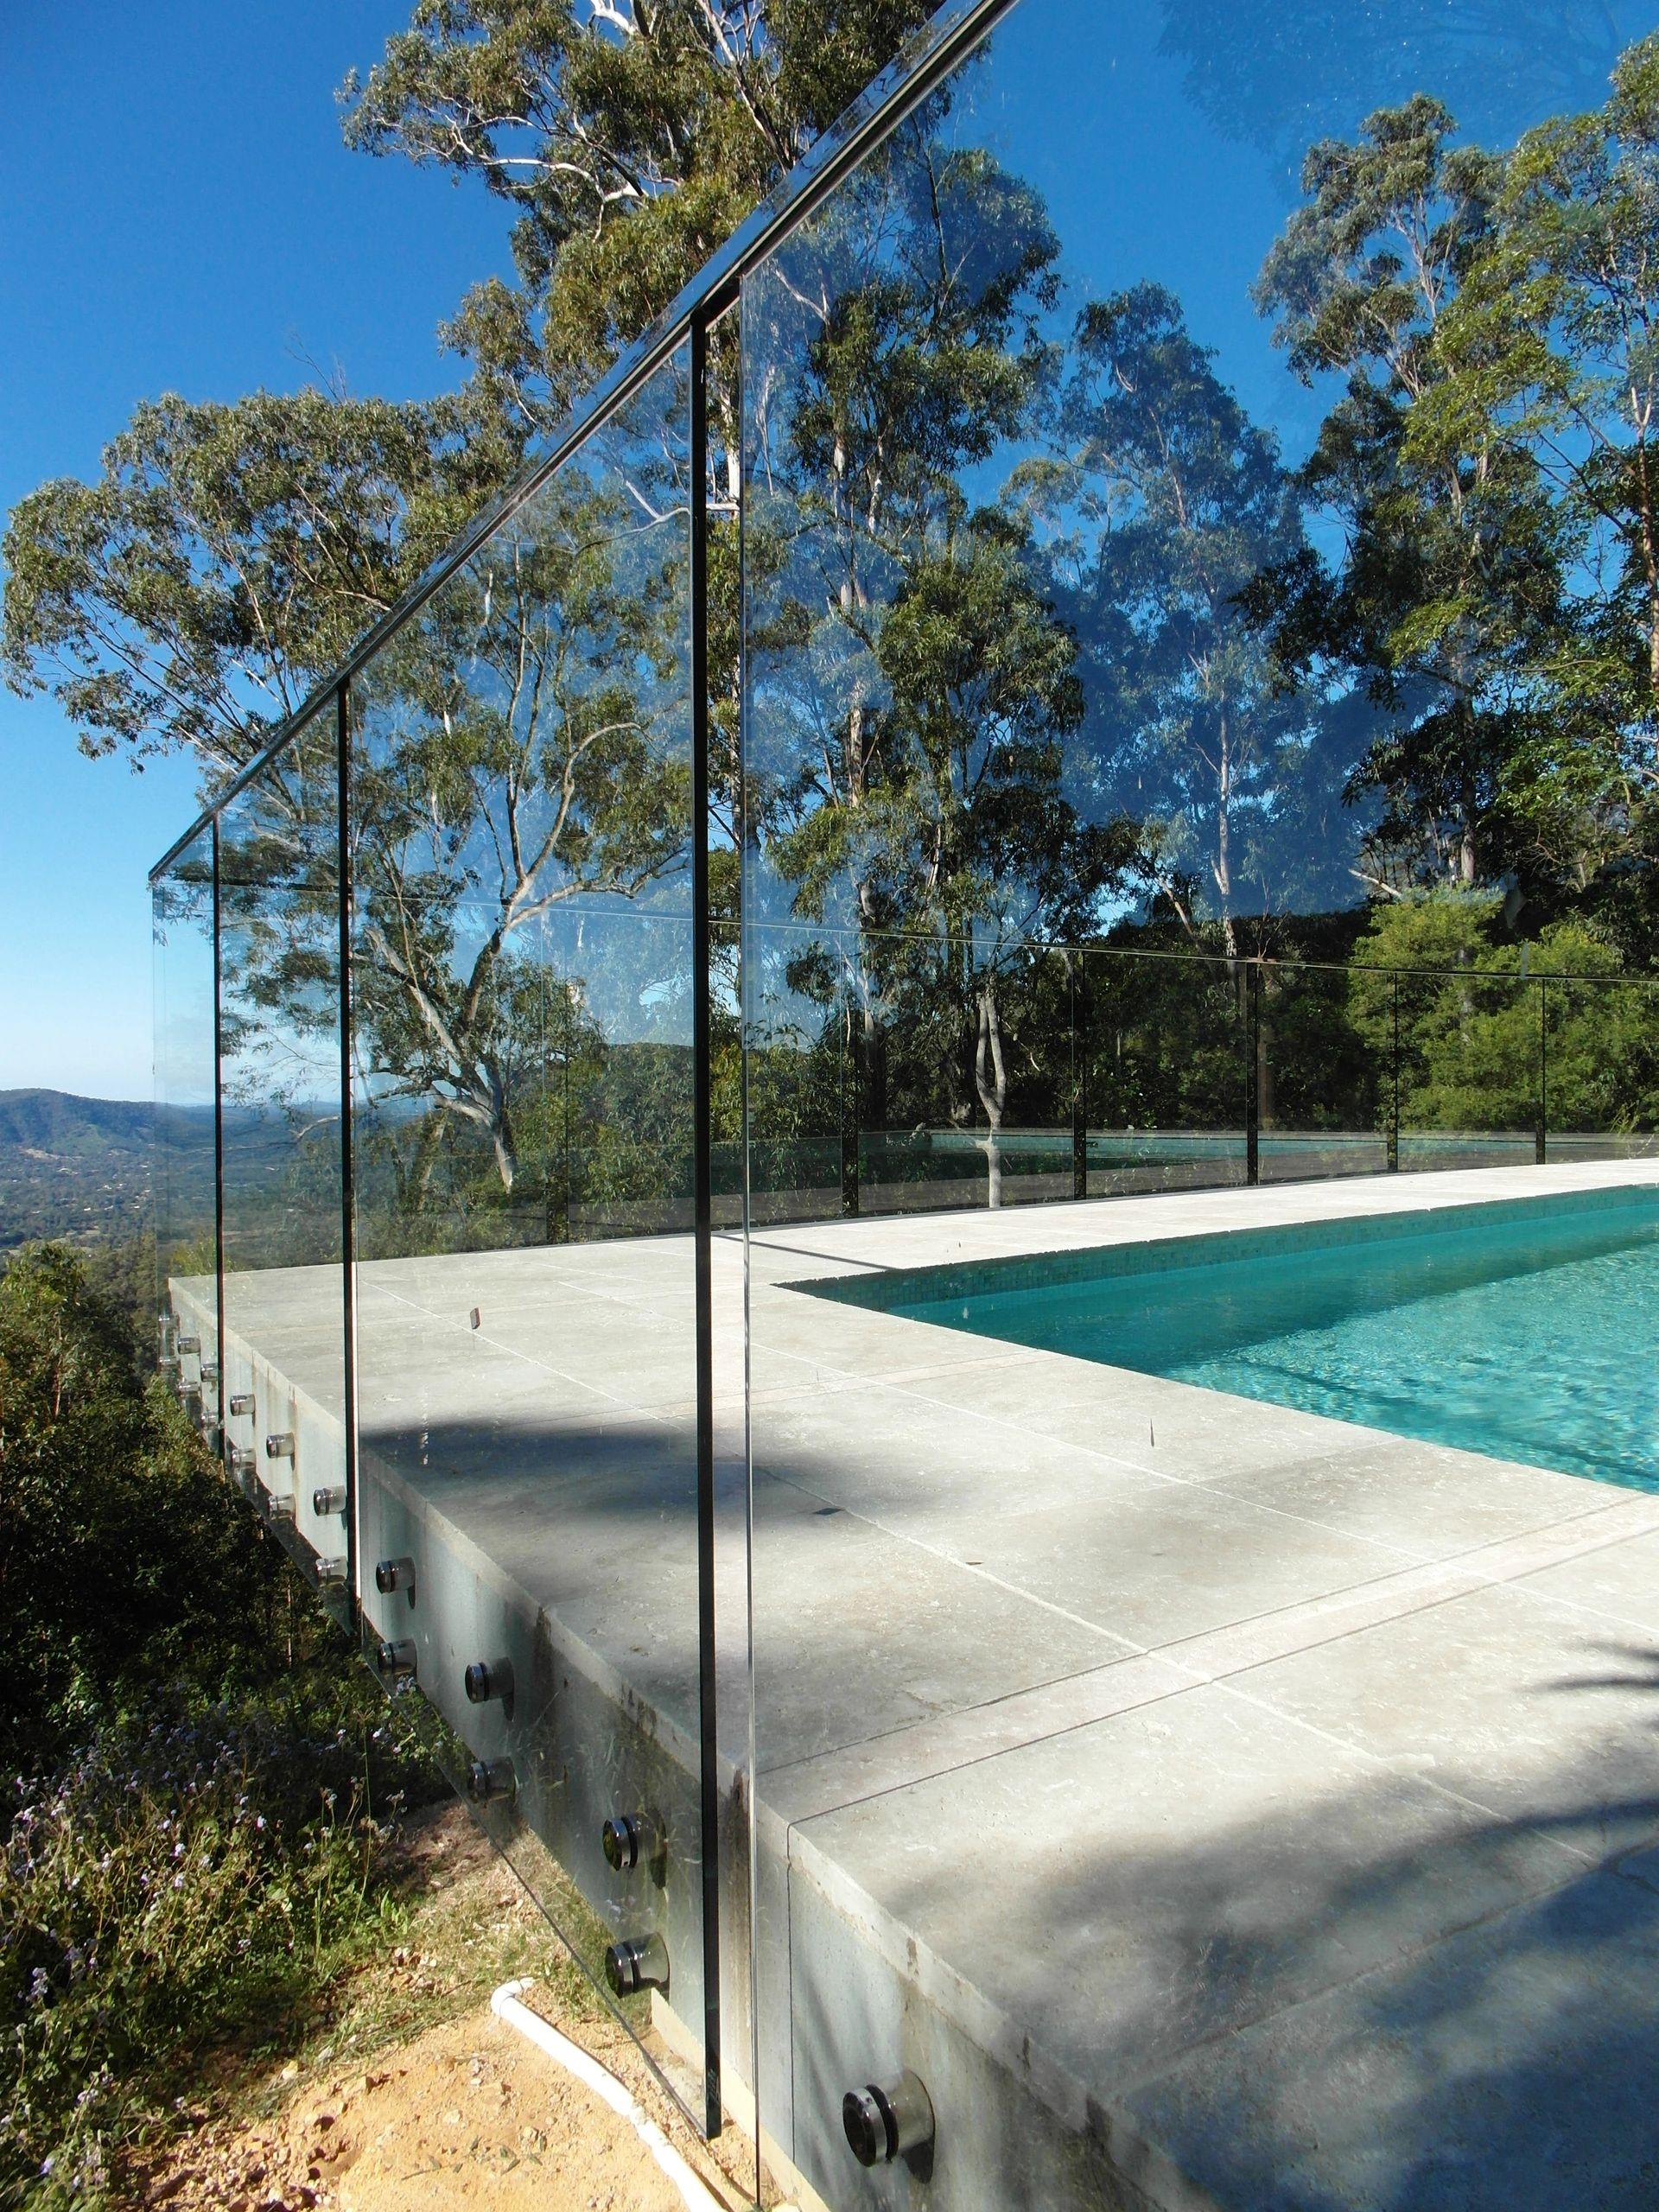 Pool Glass Installation Intex Glass Intex Glass